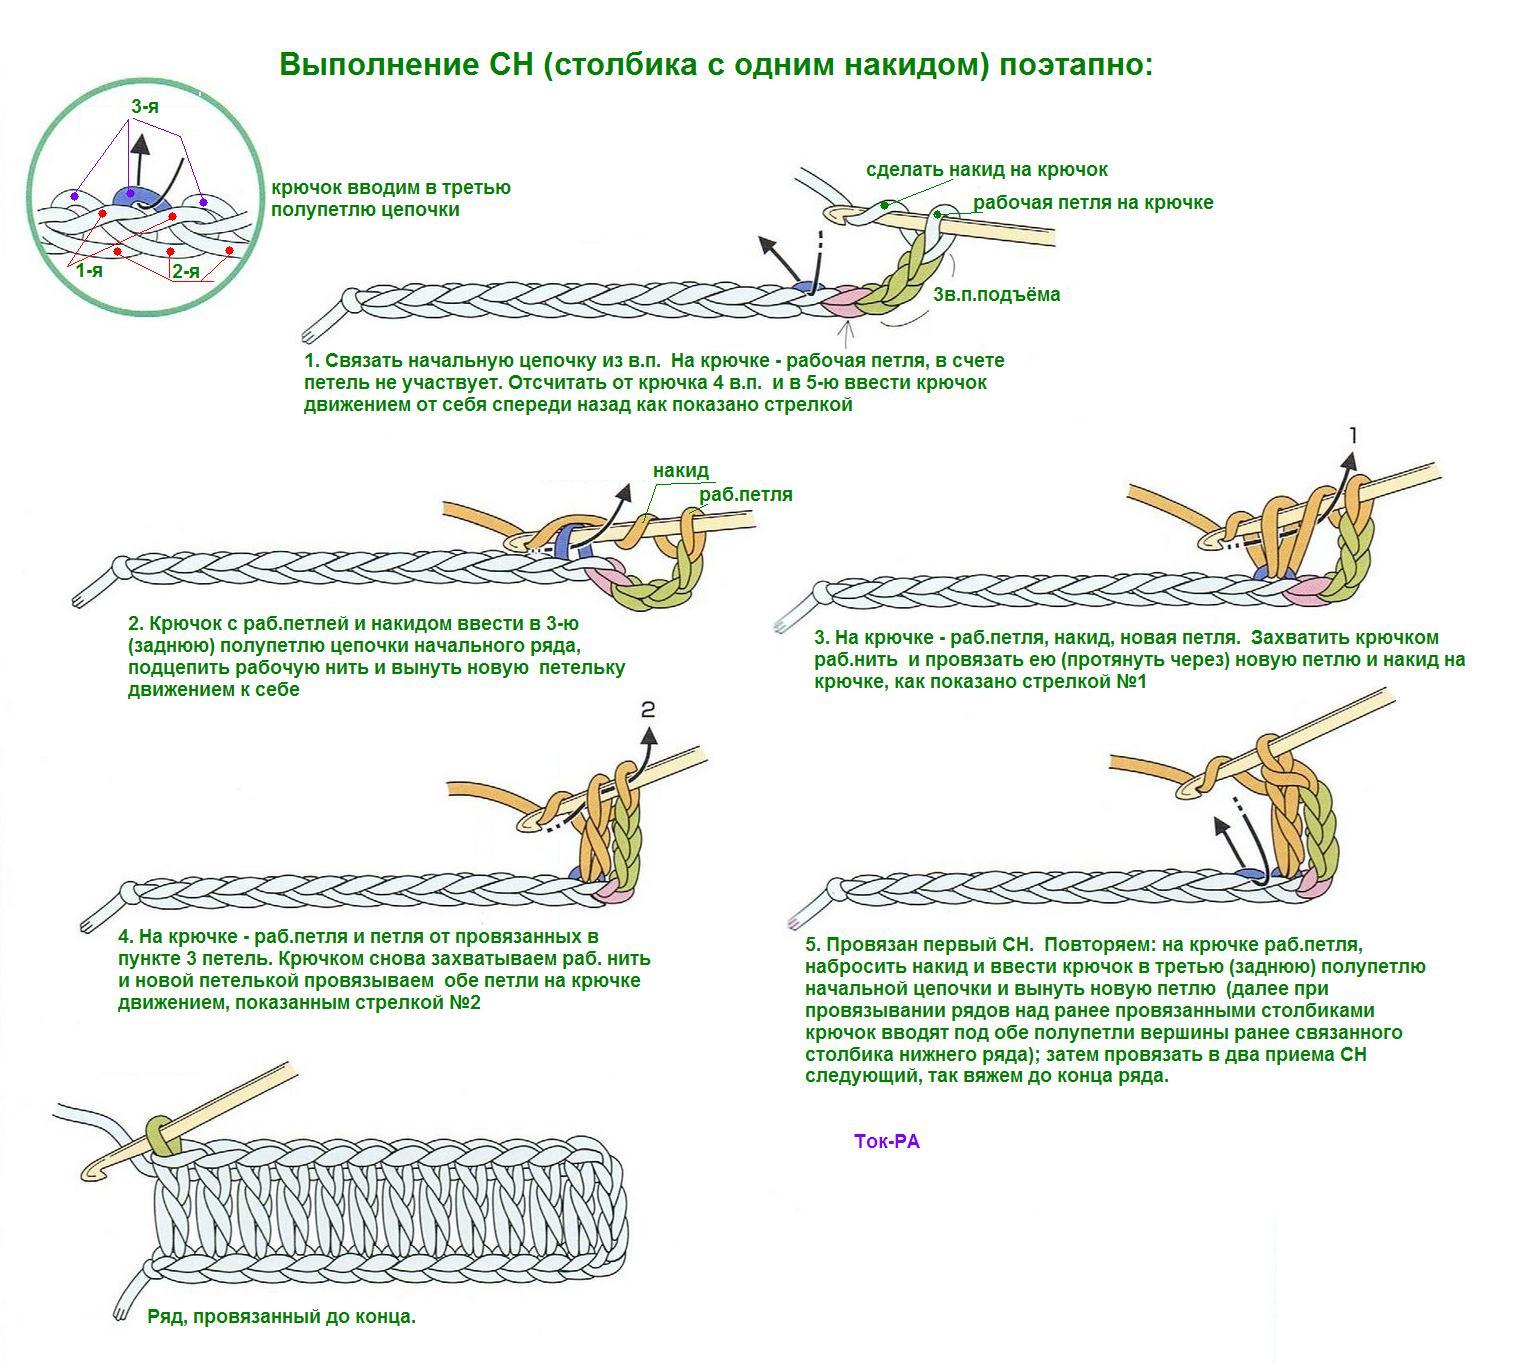 Вязание крючком для начинающих схемы с подробным описанием 27